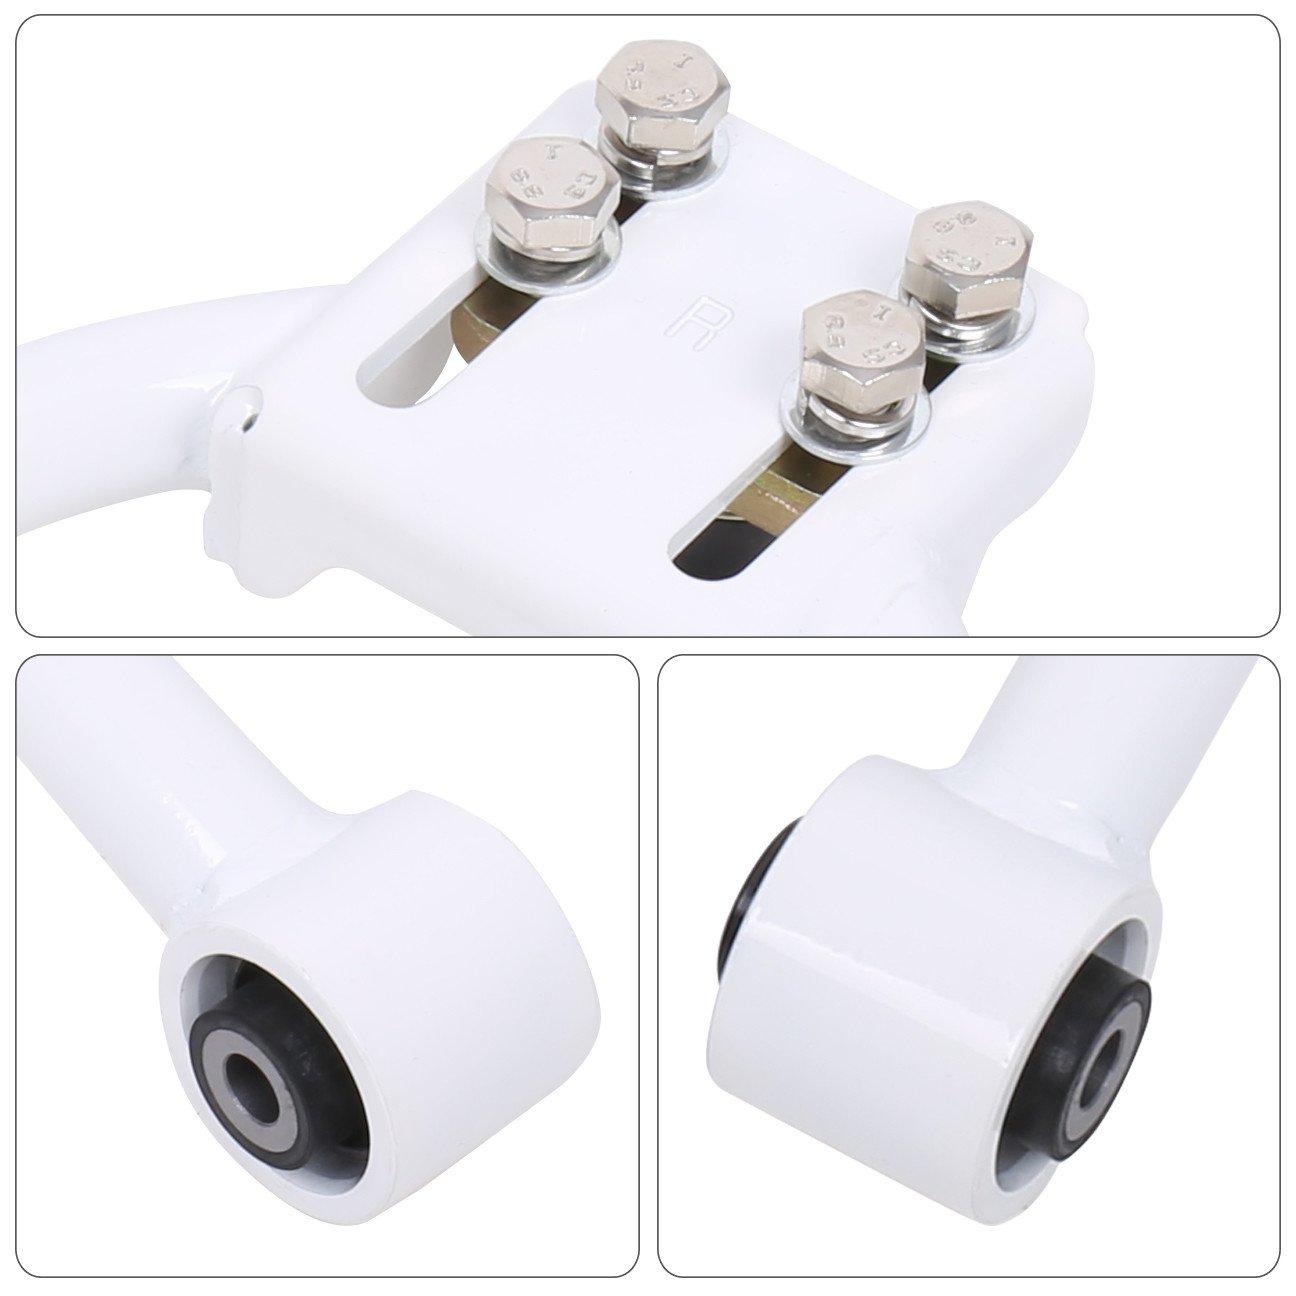 Ajp Distributors Jdm Tubular Adjustable Front Upper Camber Kit White For Honda Civic Ek